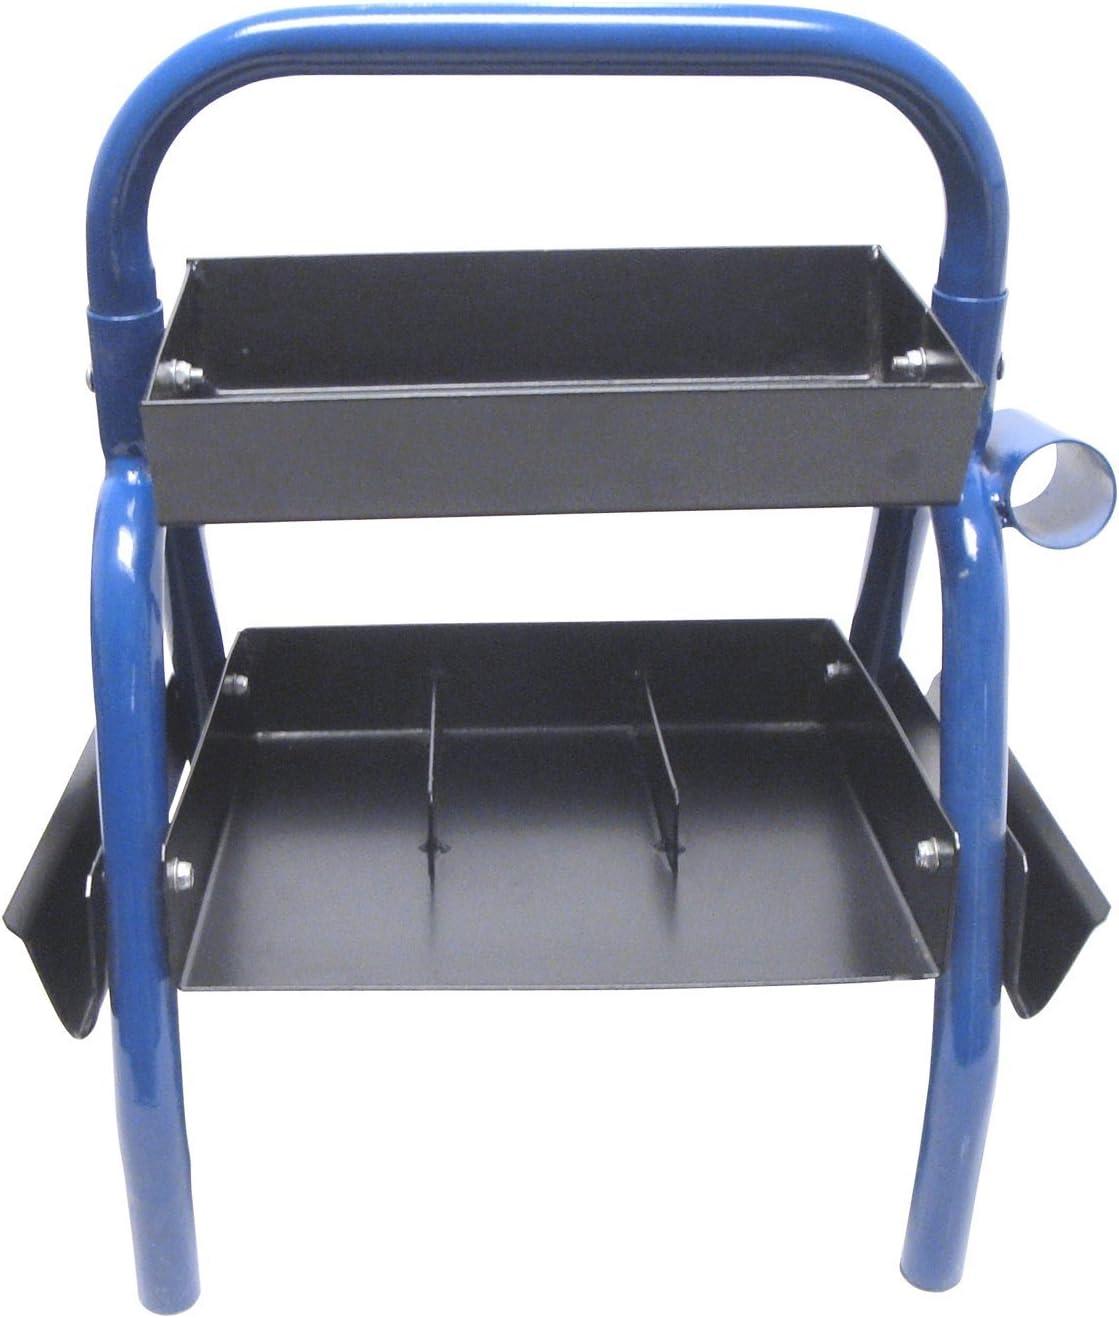 High Country Plastics Farrier Cart - Maintenance Cart, Small